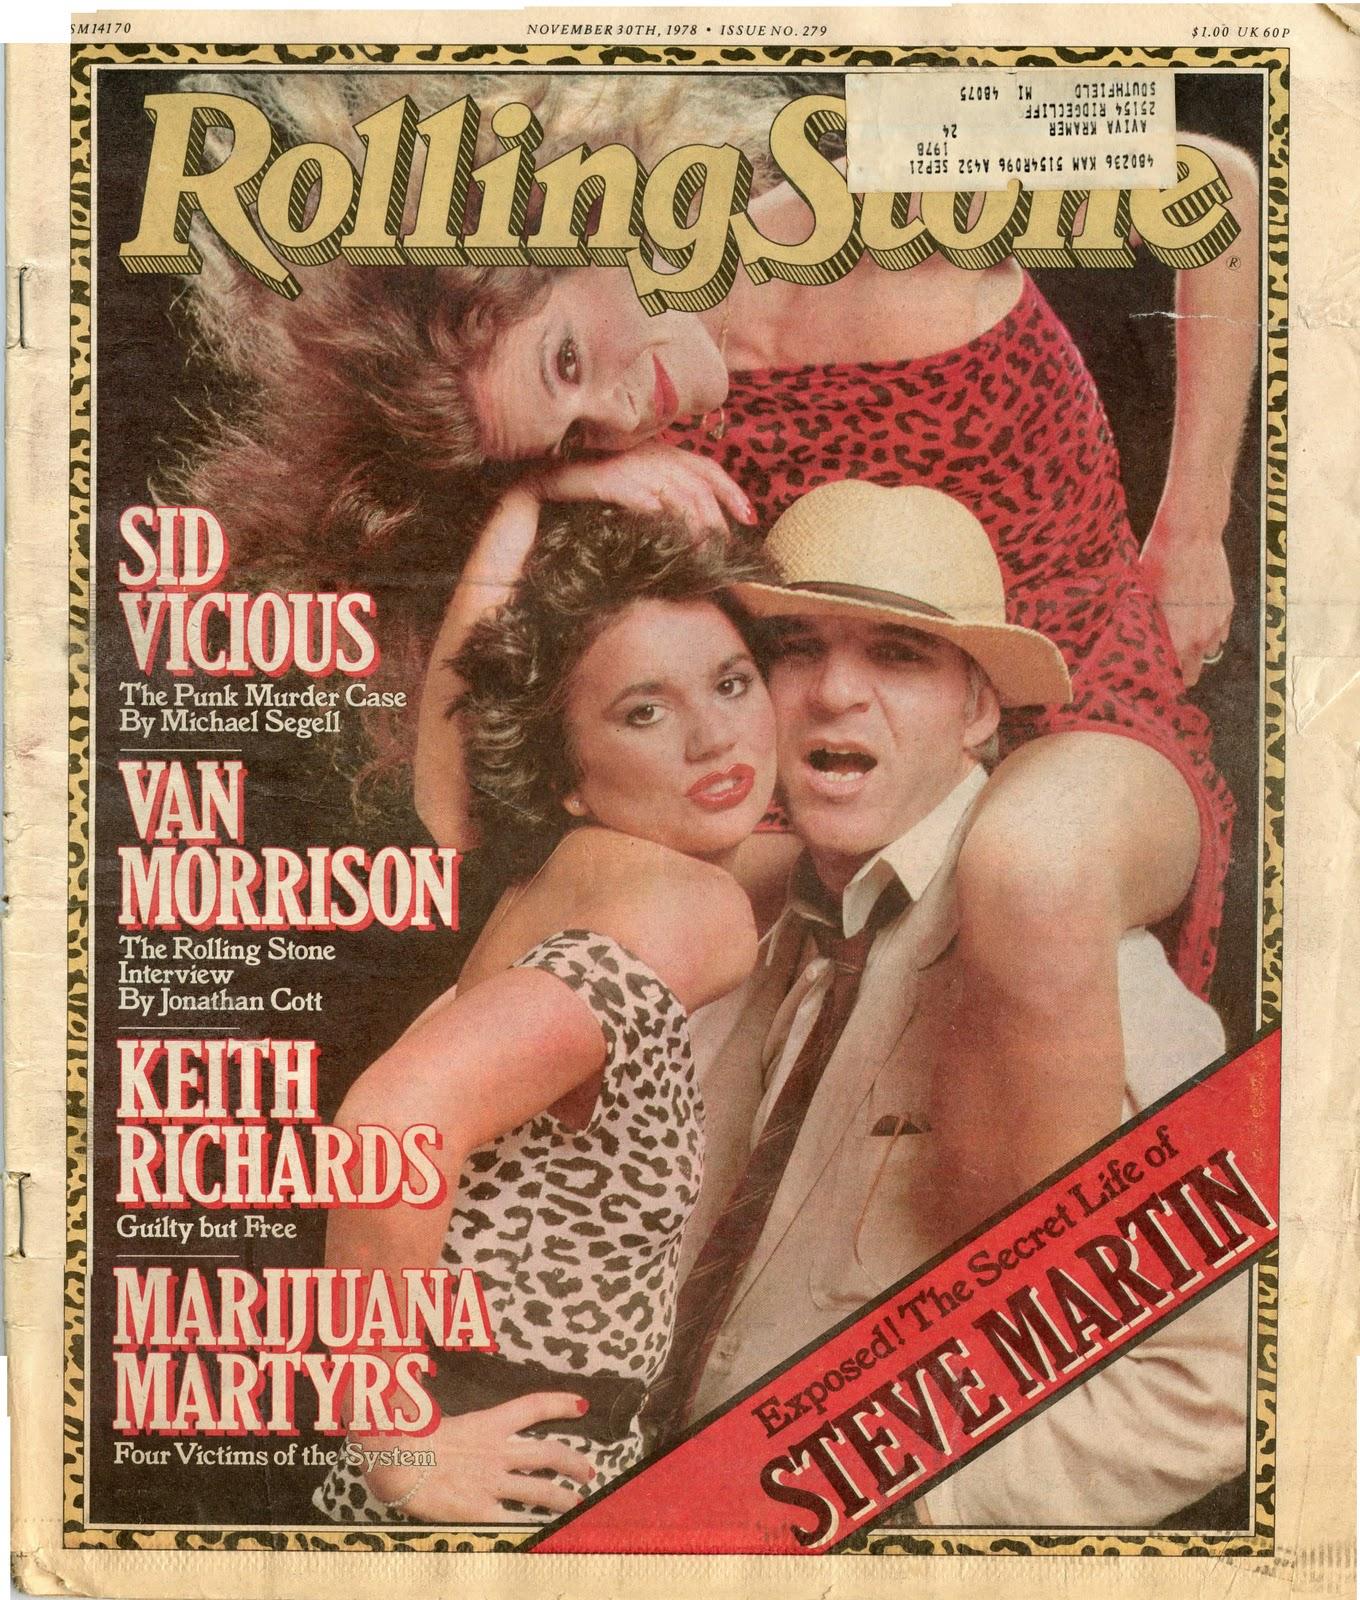 http://3.bp.blogspot.com/_fpPVq8tB-3s/TUhugozDmNI/AAAAAAAAAHE/MtyOAZXdWig/s1600/page+1+-+Rolling+Stone+11-10-78+cover.jpg